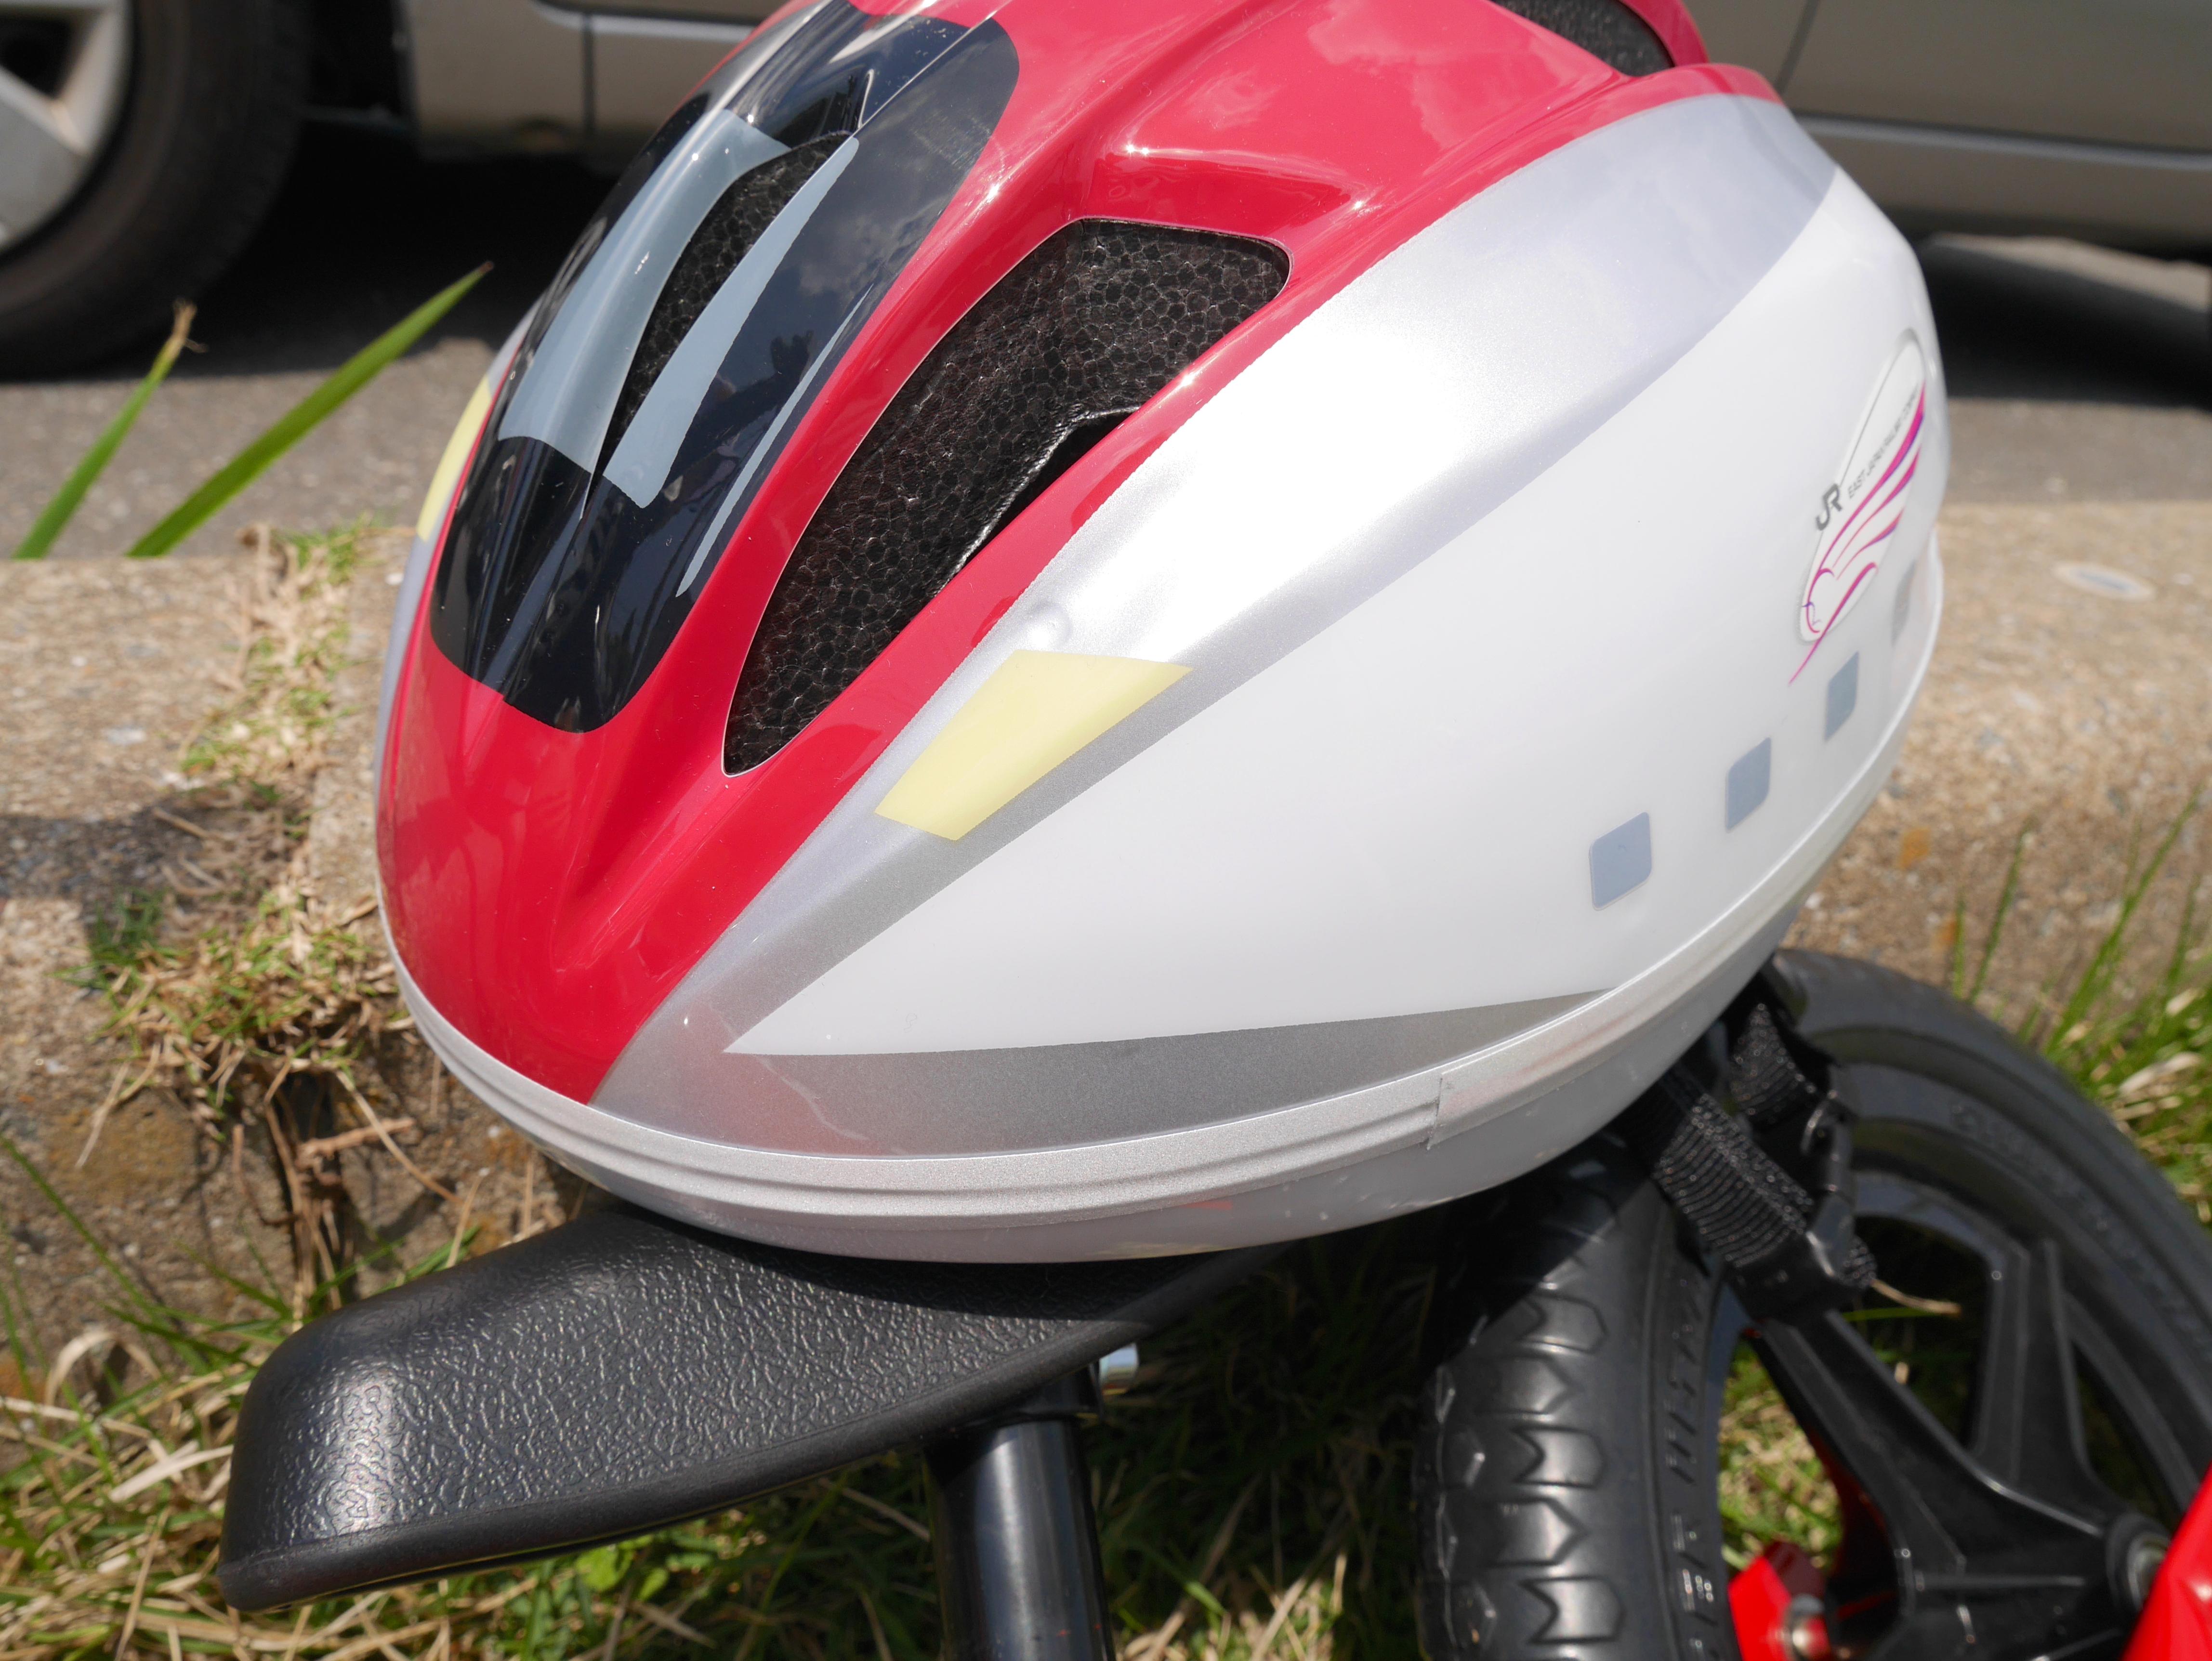 【ストライダーや自転車に】新幹線デザインの子供用ヘルメットがカッコイイ!